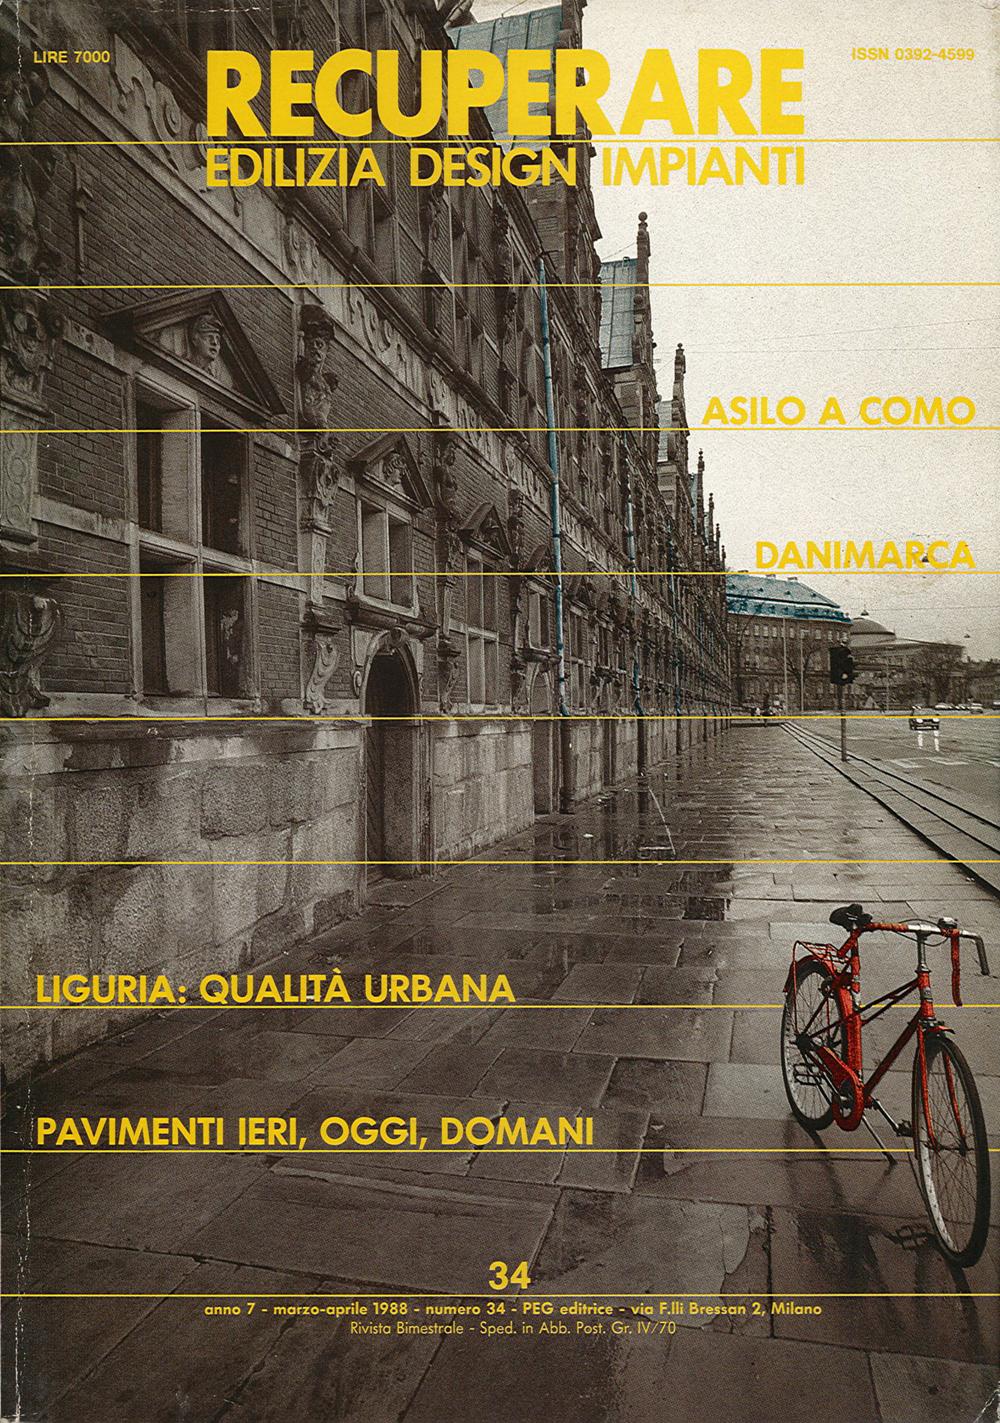 Pubblicazioni - Recuperare 34 - oberti+oberti   architetti